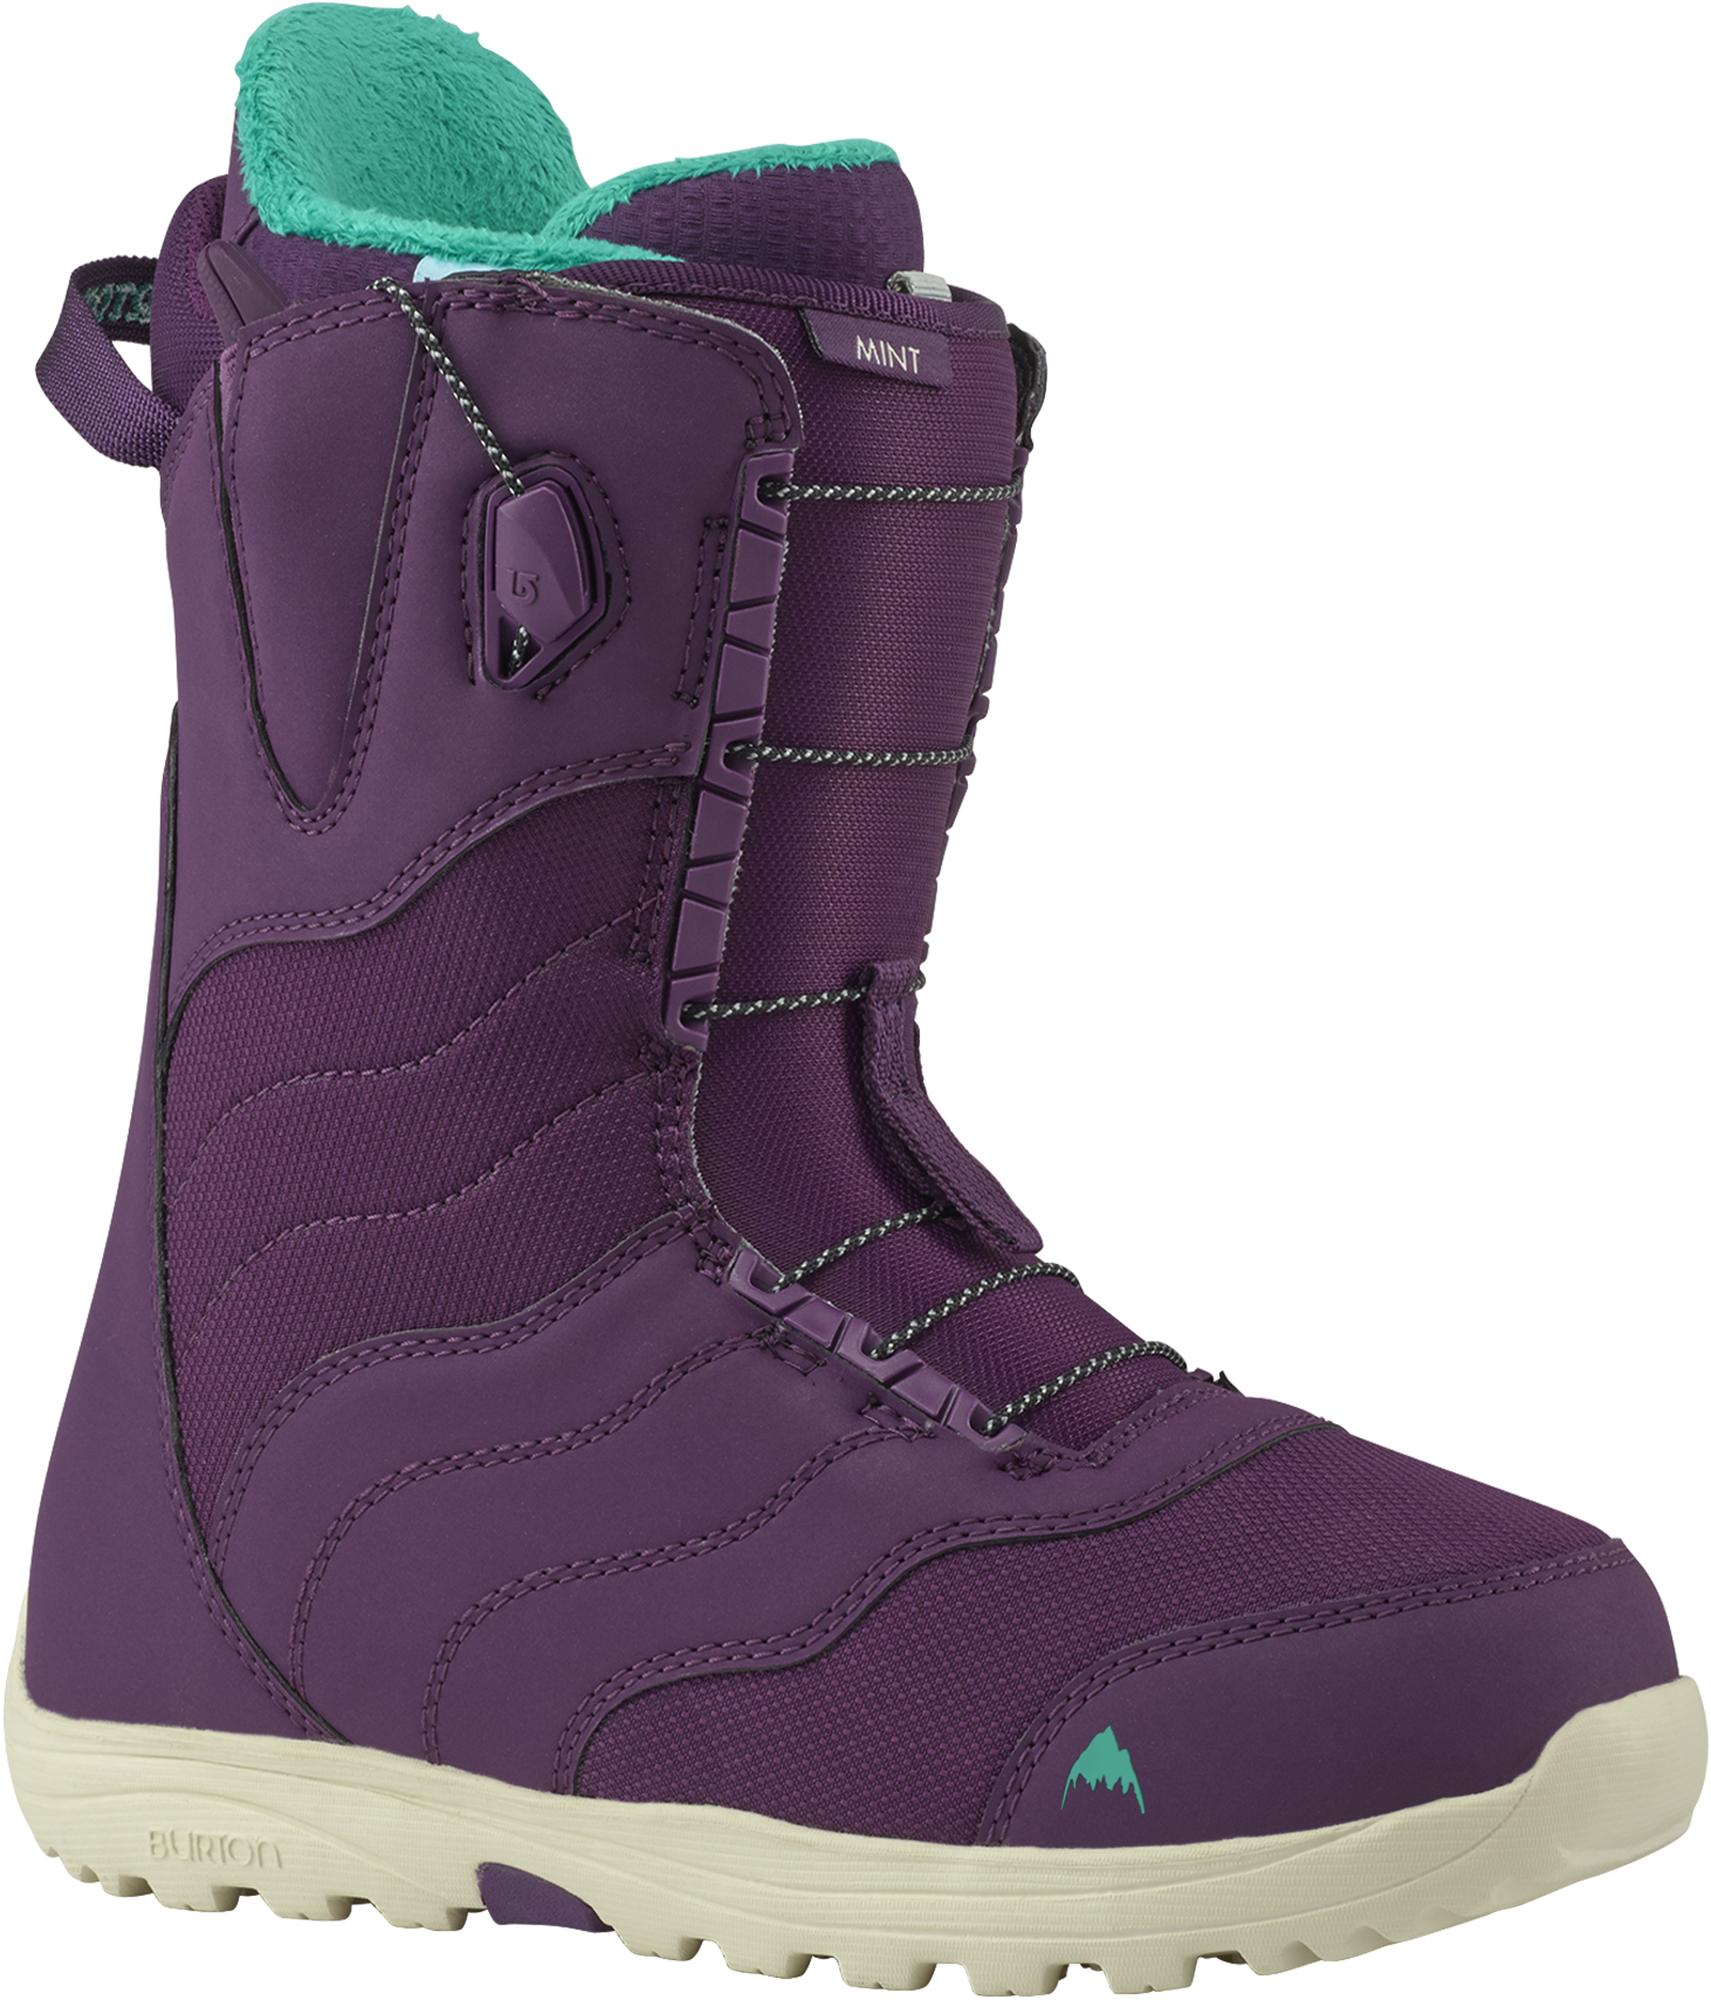 Burton Сноубордические ботинки женские Burton Mint, размер 39,5 цены онлайн